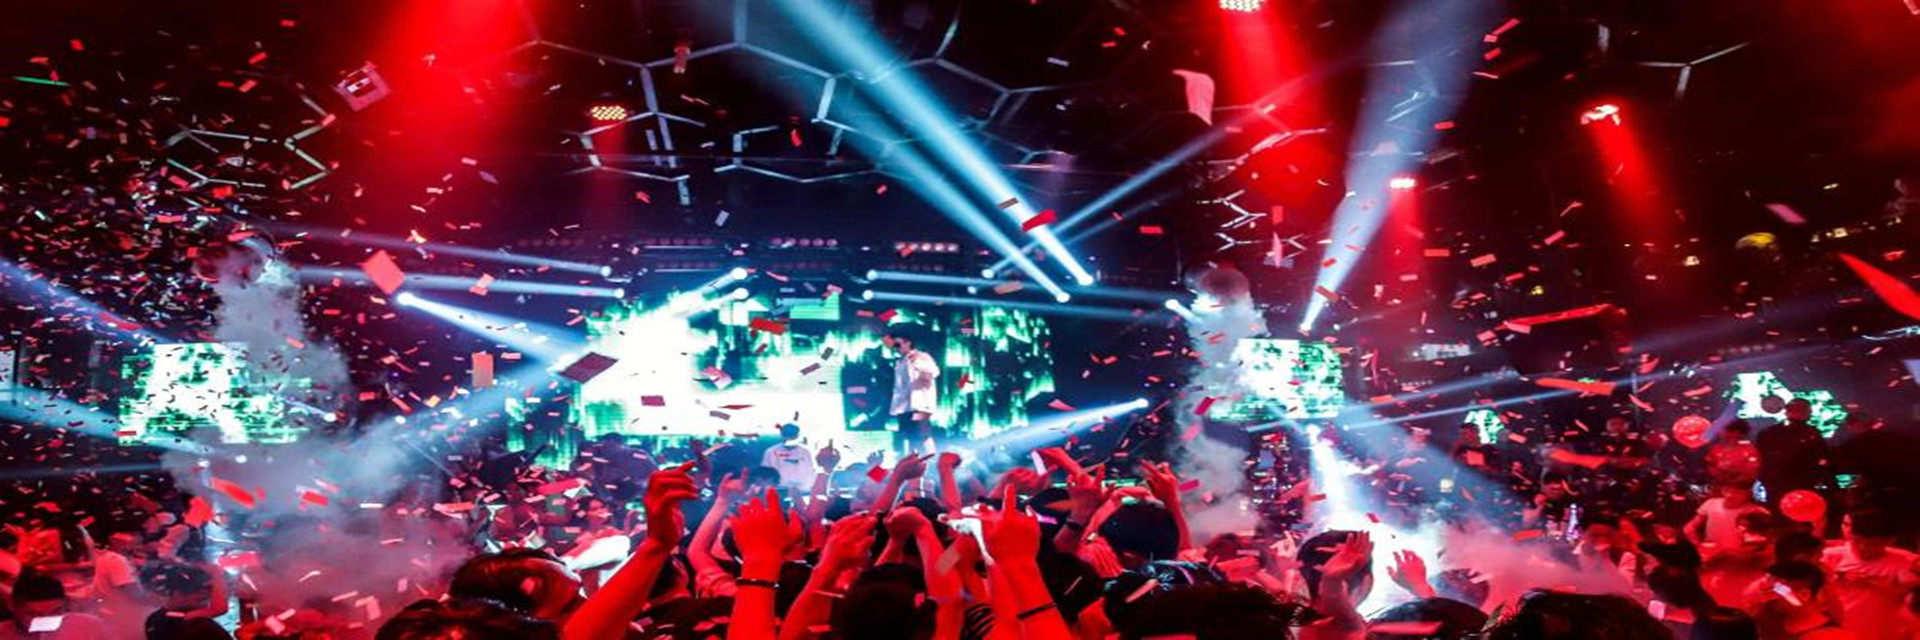 演出活动现场常见的安装灯光音响问题有哪些呢?